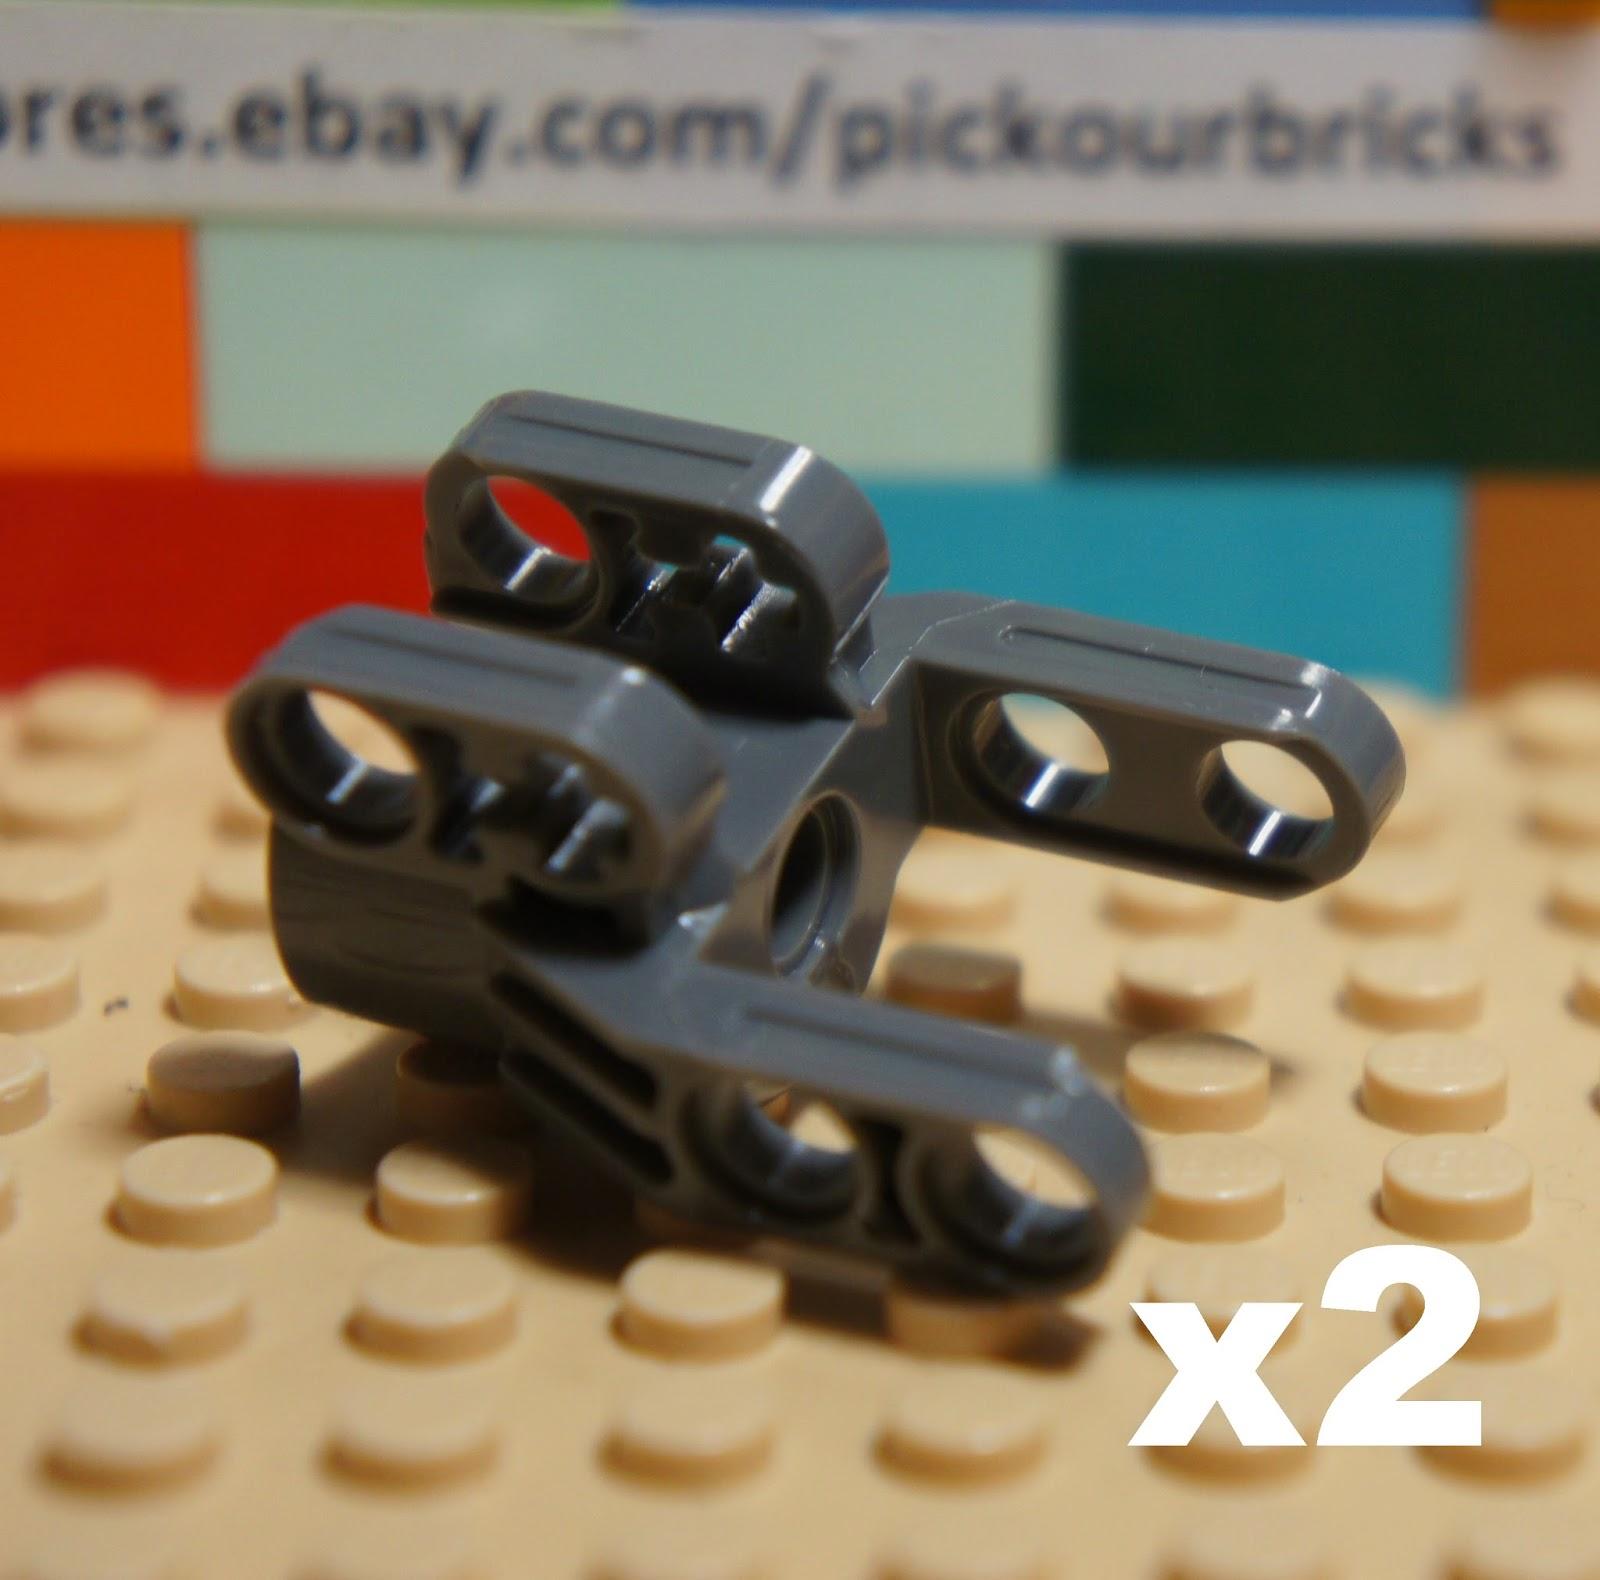 1 Achsen-Satz Bremsscheiben U-N gelocht Bremssattel 22mm unlackiert